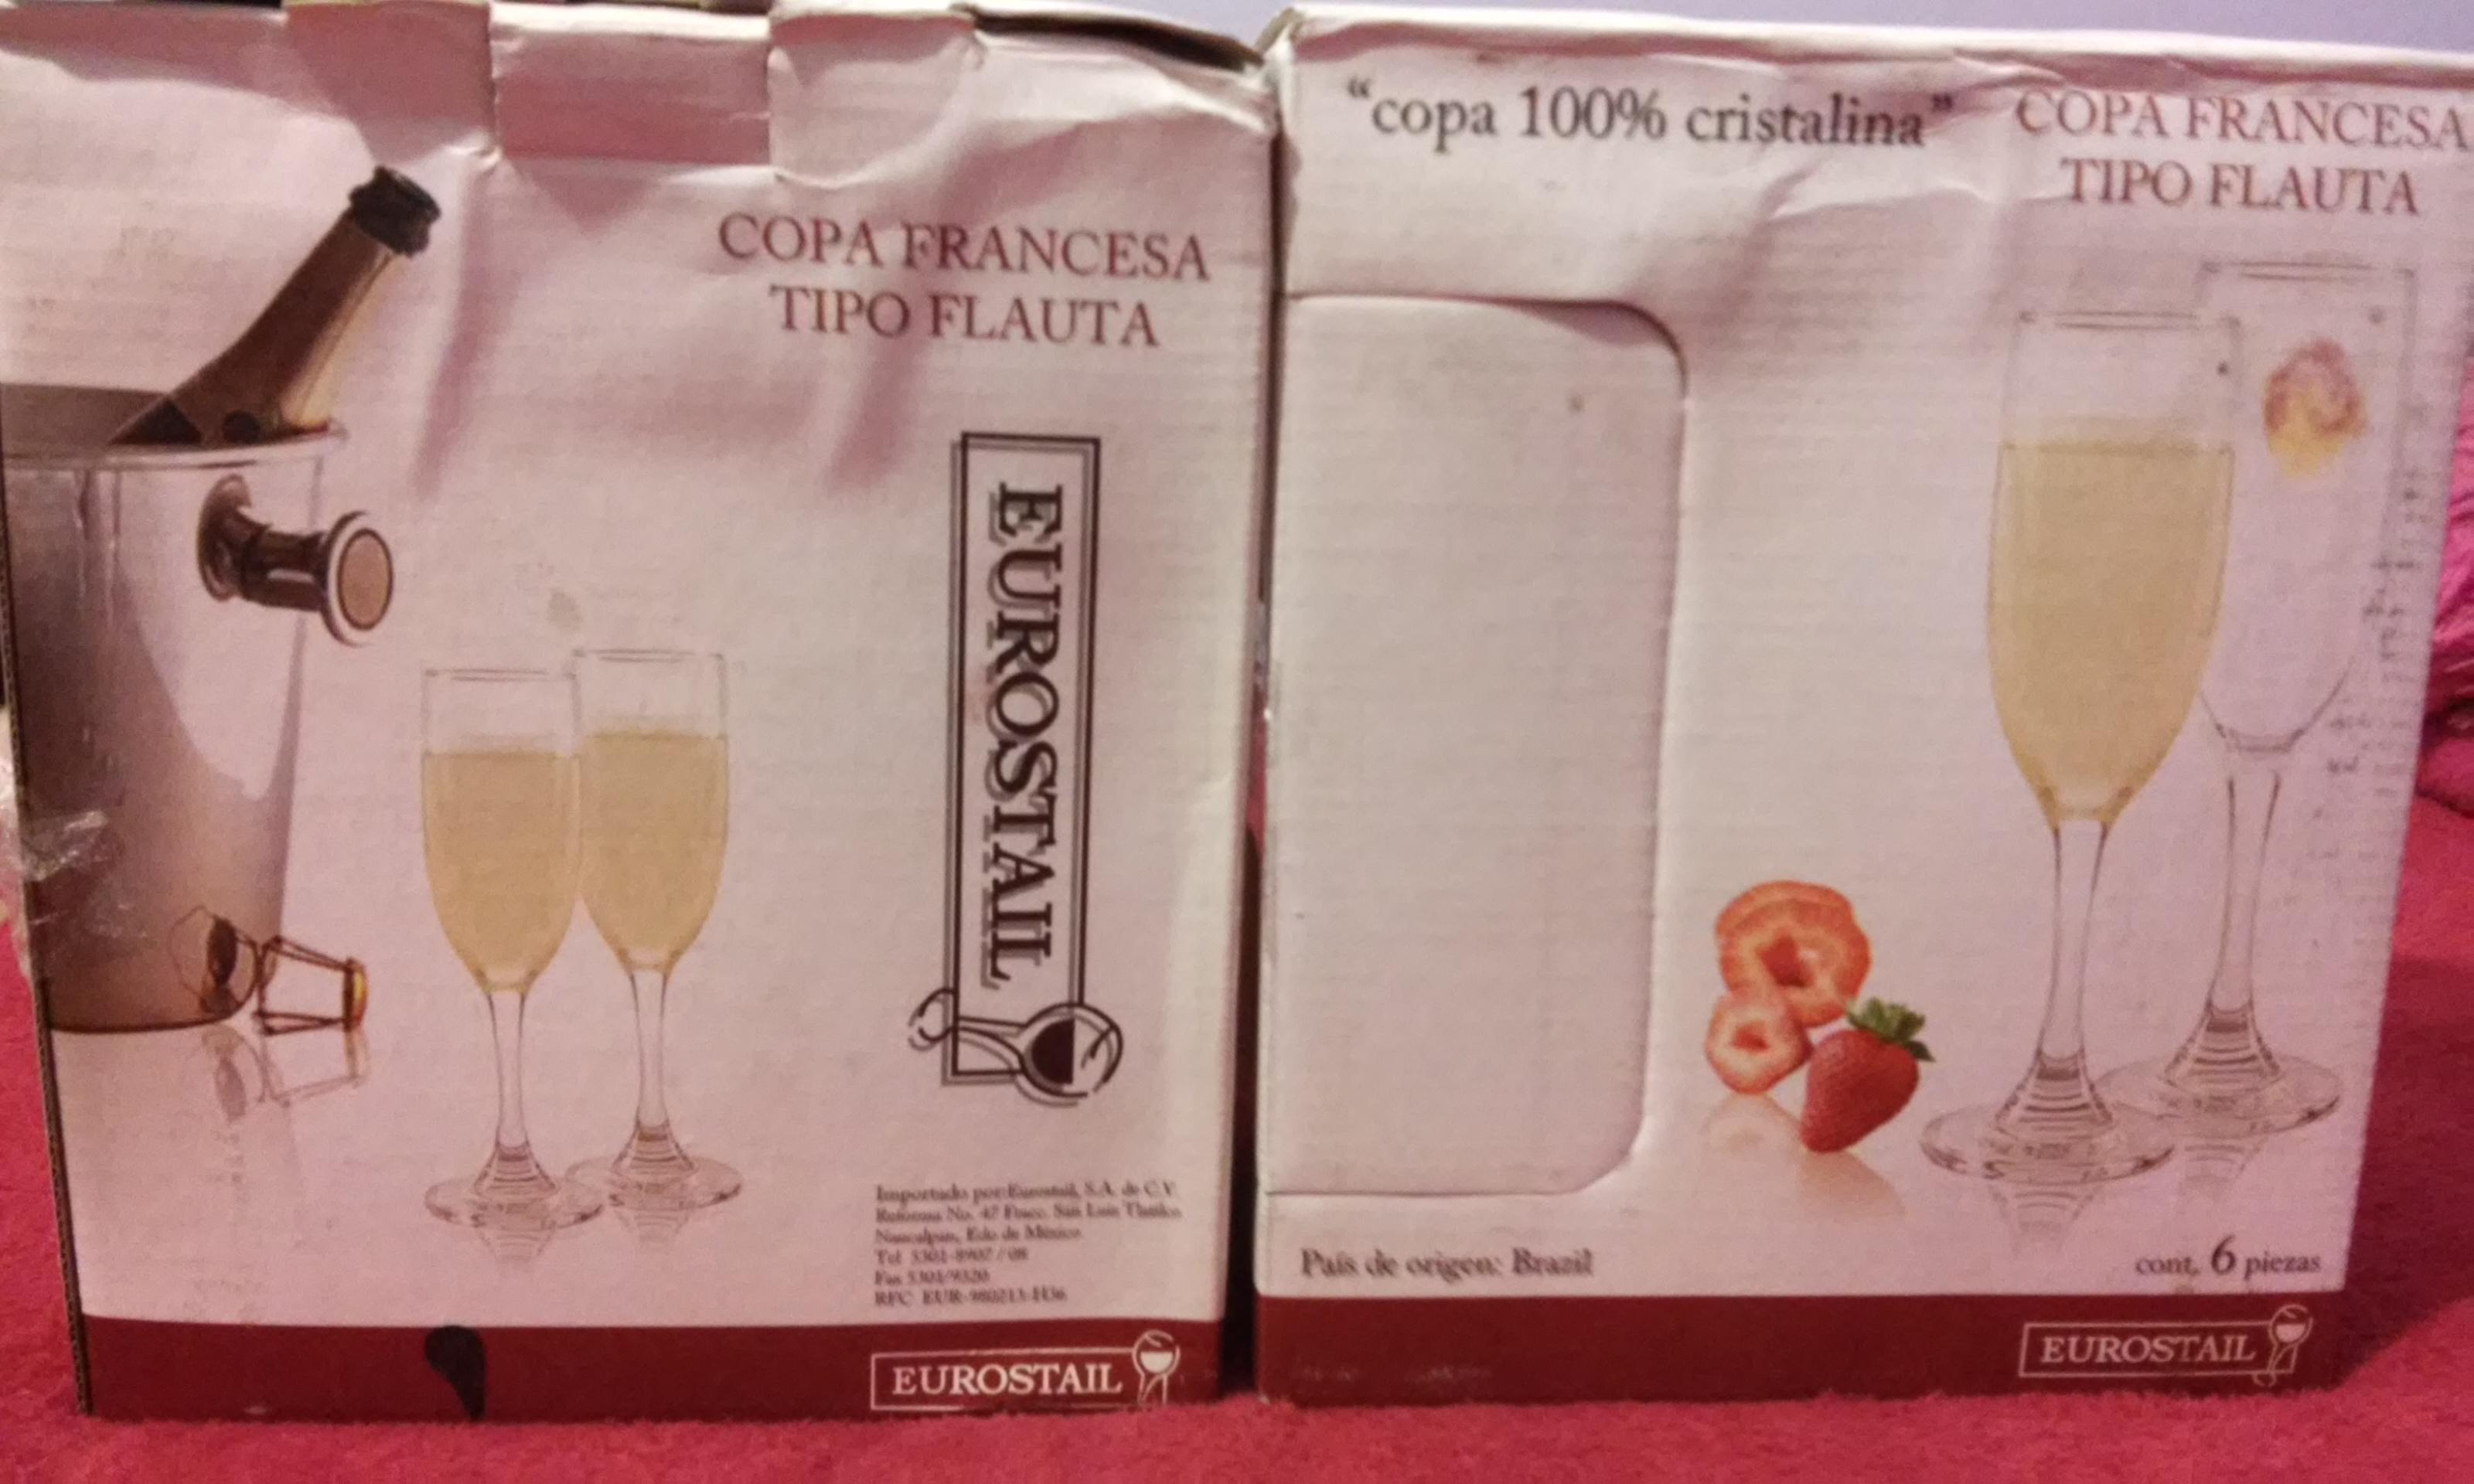 Walmart Cuitlahuac: set de copas francesas tipo flauta 6pz a $29.90